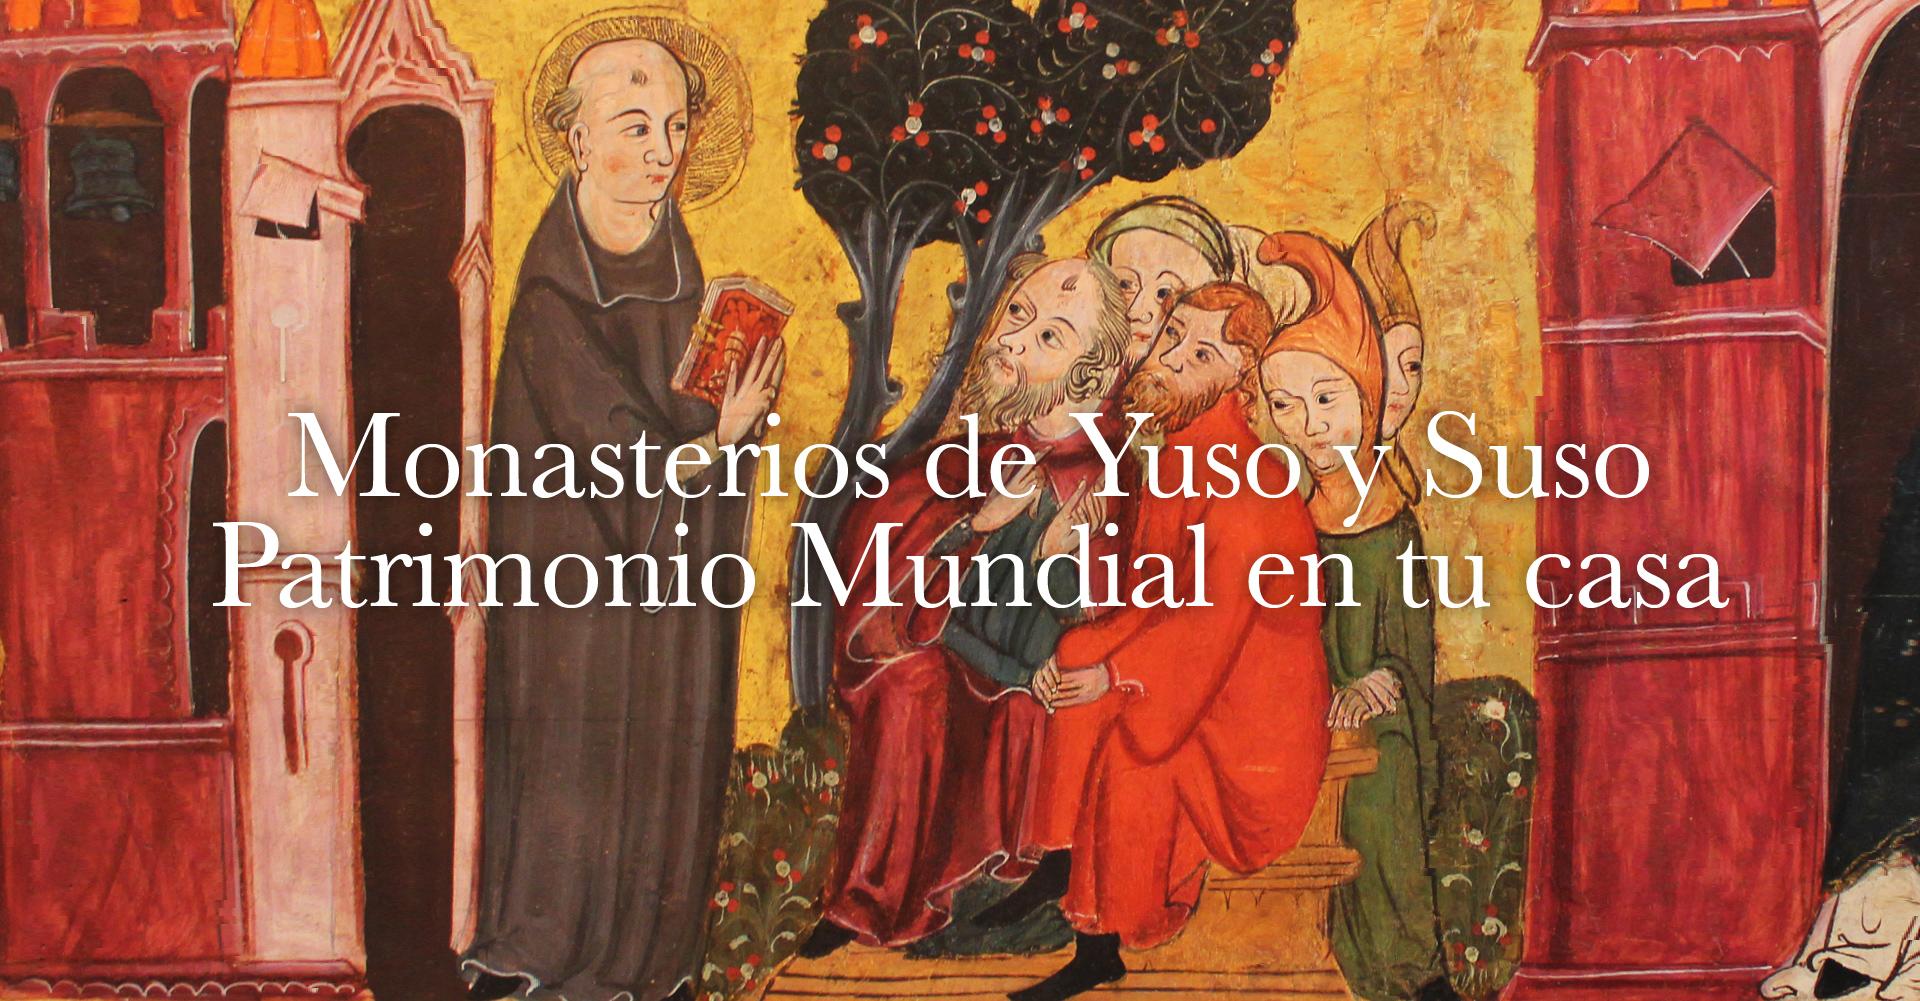 Monasterios de Yuso y Suso - Patrimonio Mundial en tu casa